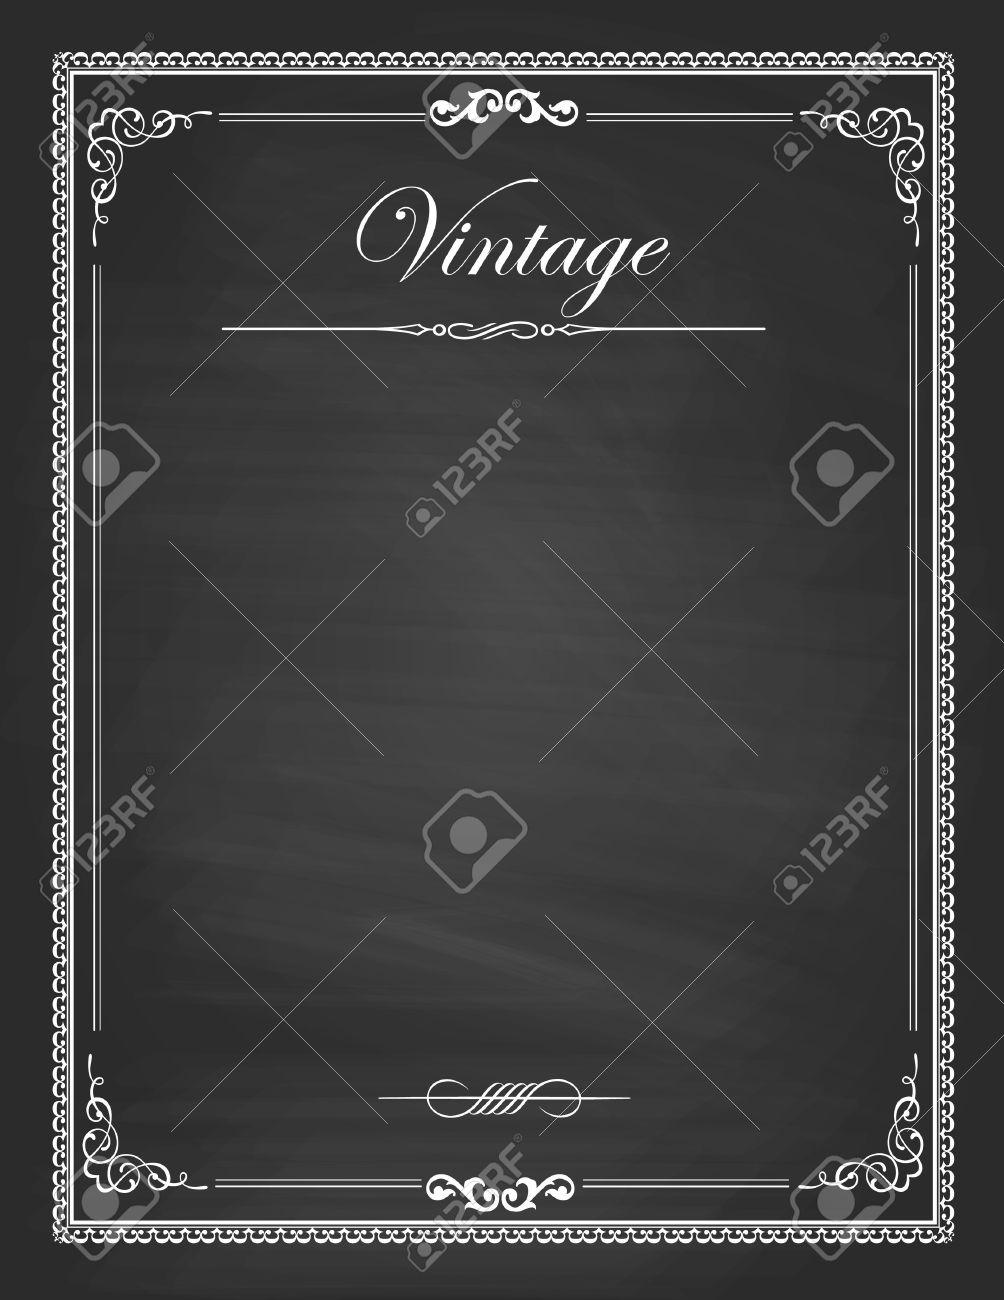 vector vintage frames blank black chalkboard design